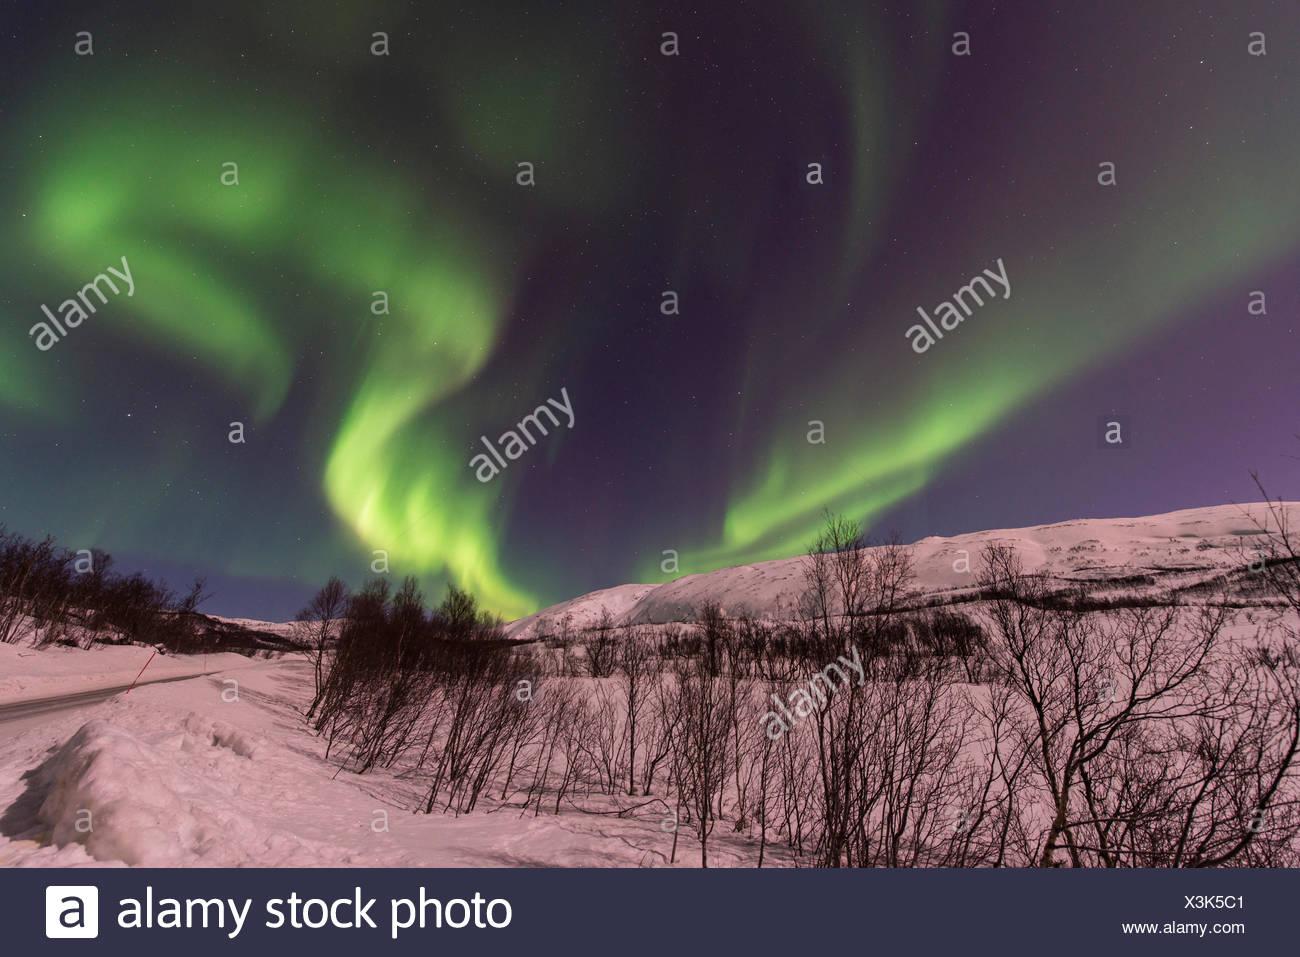 aurora eddy in winter landscape, Norway, Troms, Finnvikdalen - Stock Image